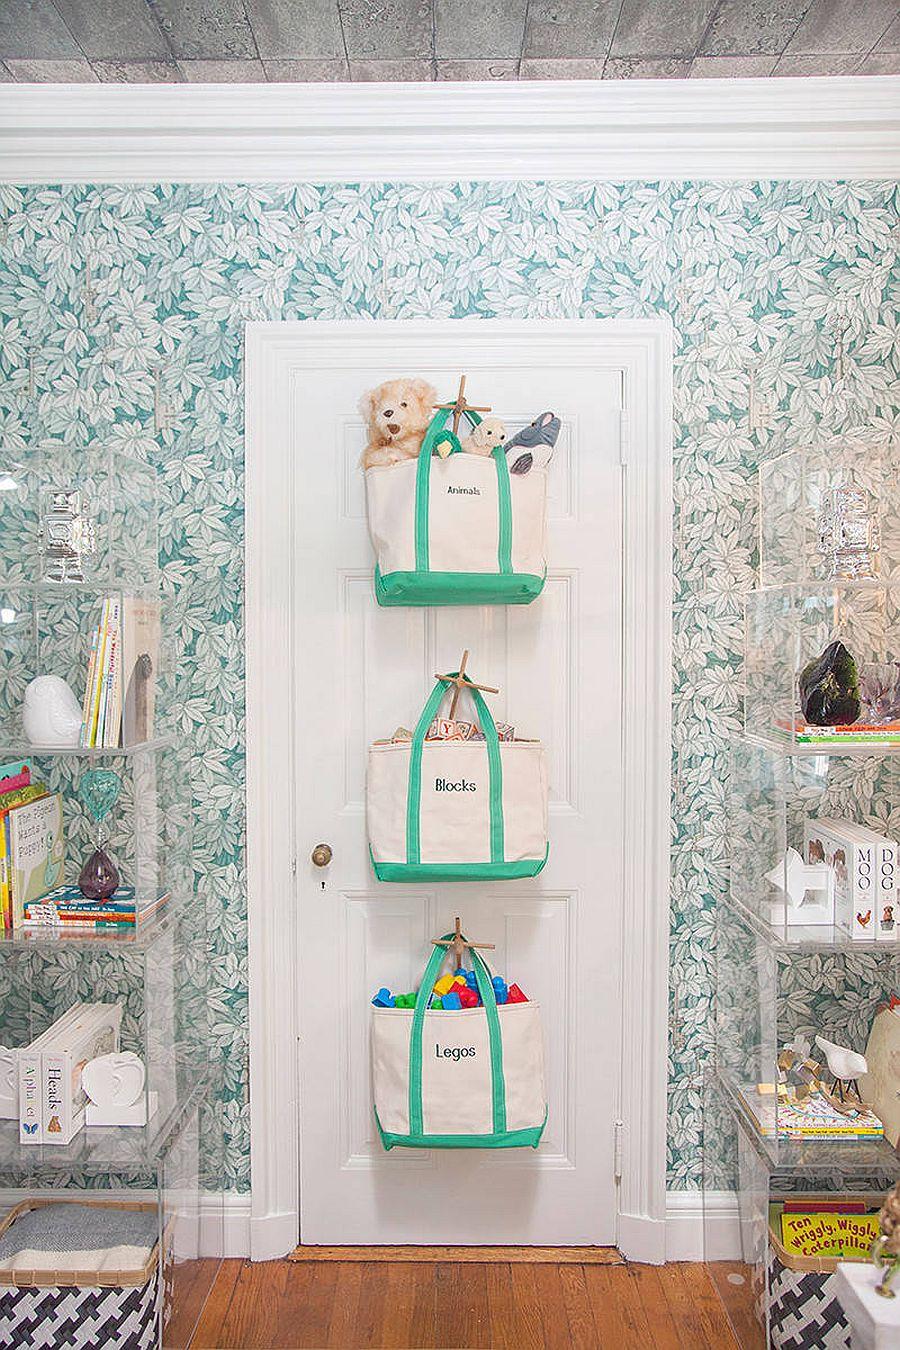 Les sacs accrochés derrière la porte offrent un moyen peu encombrant de ranger les jouets et plus